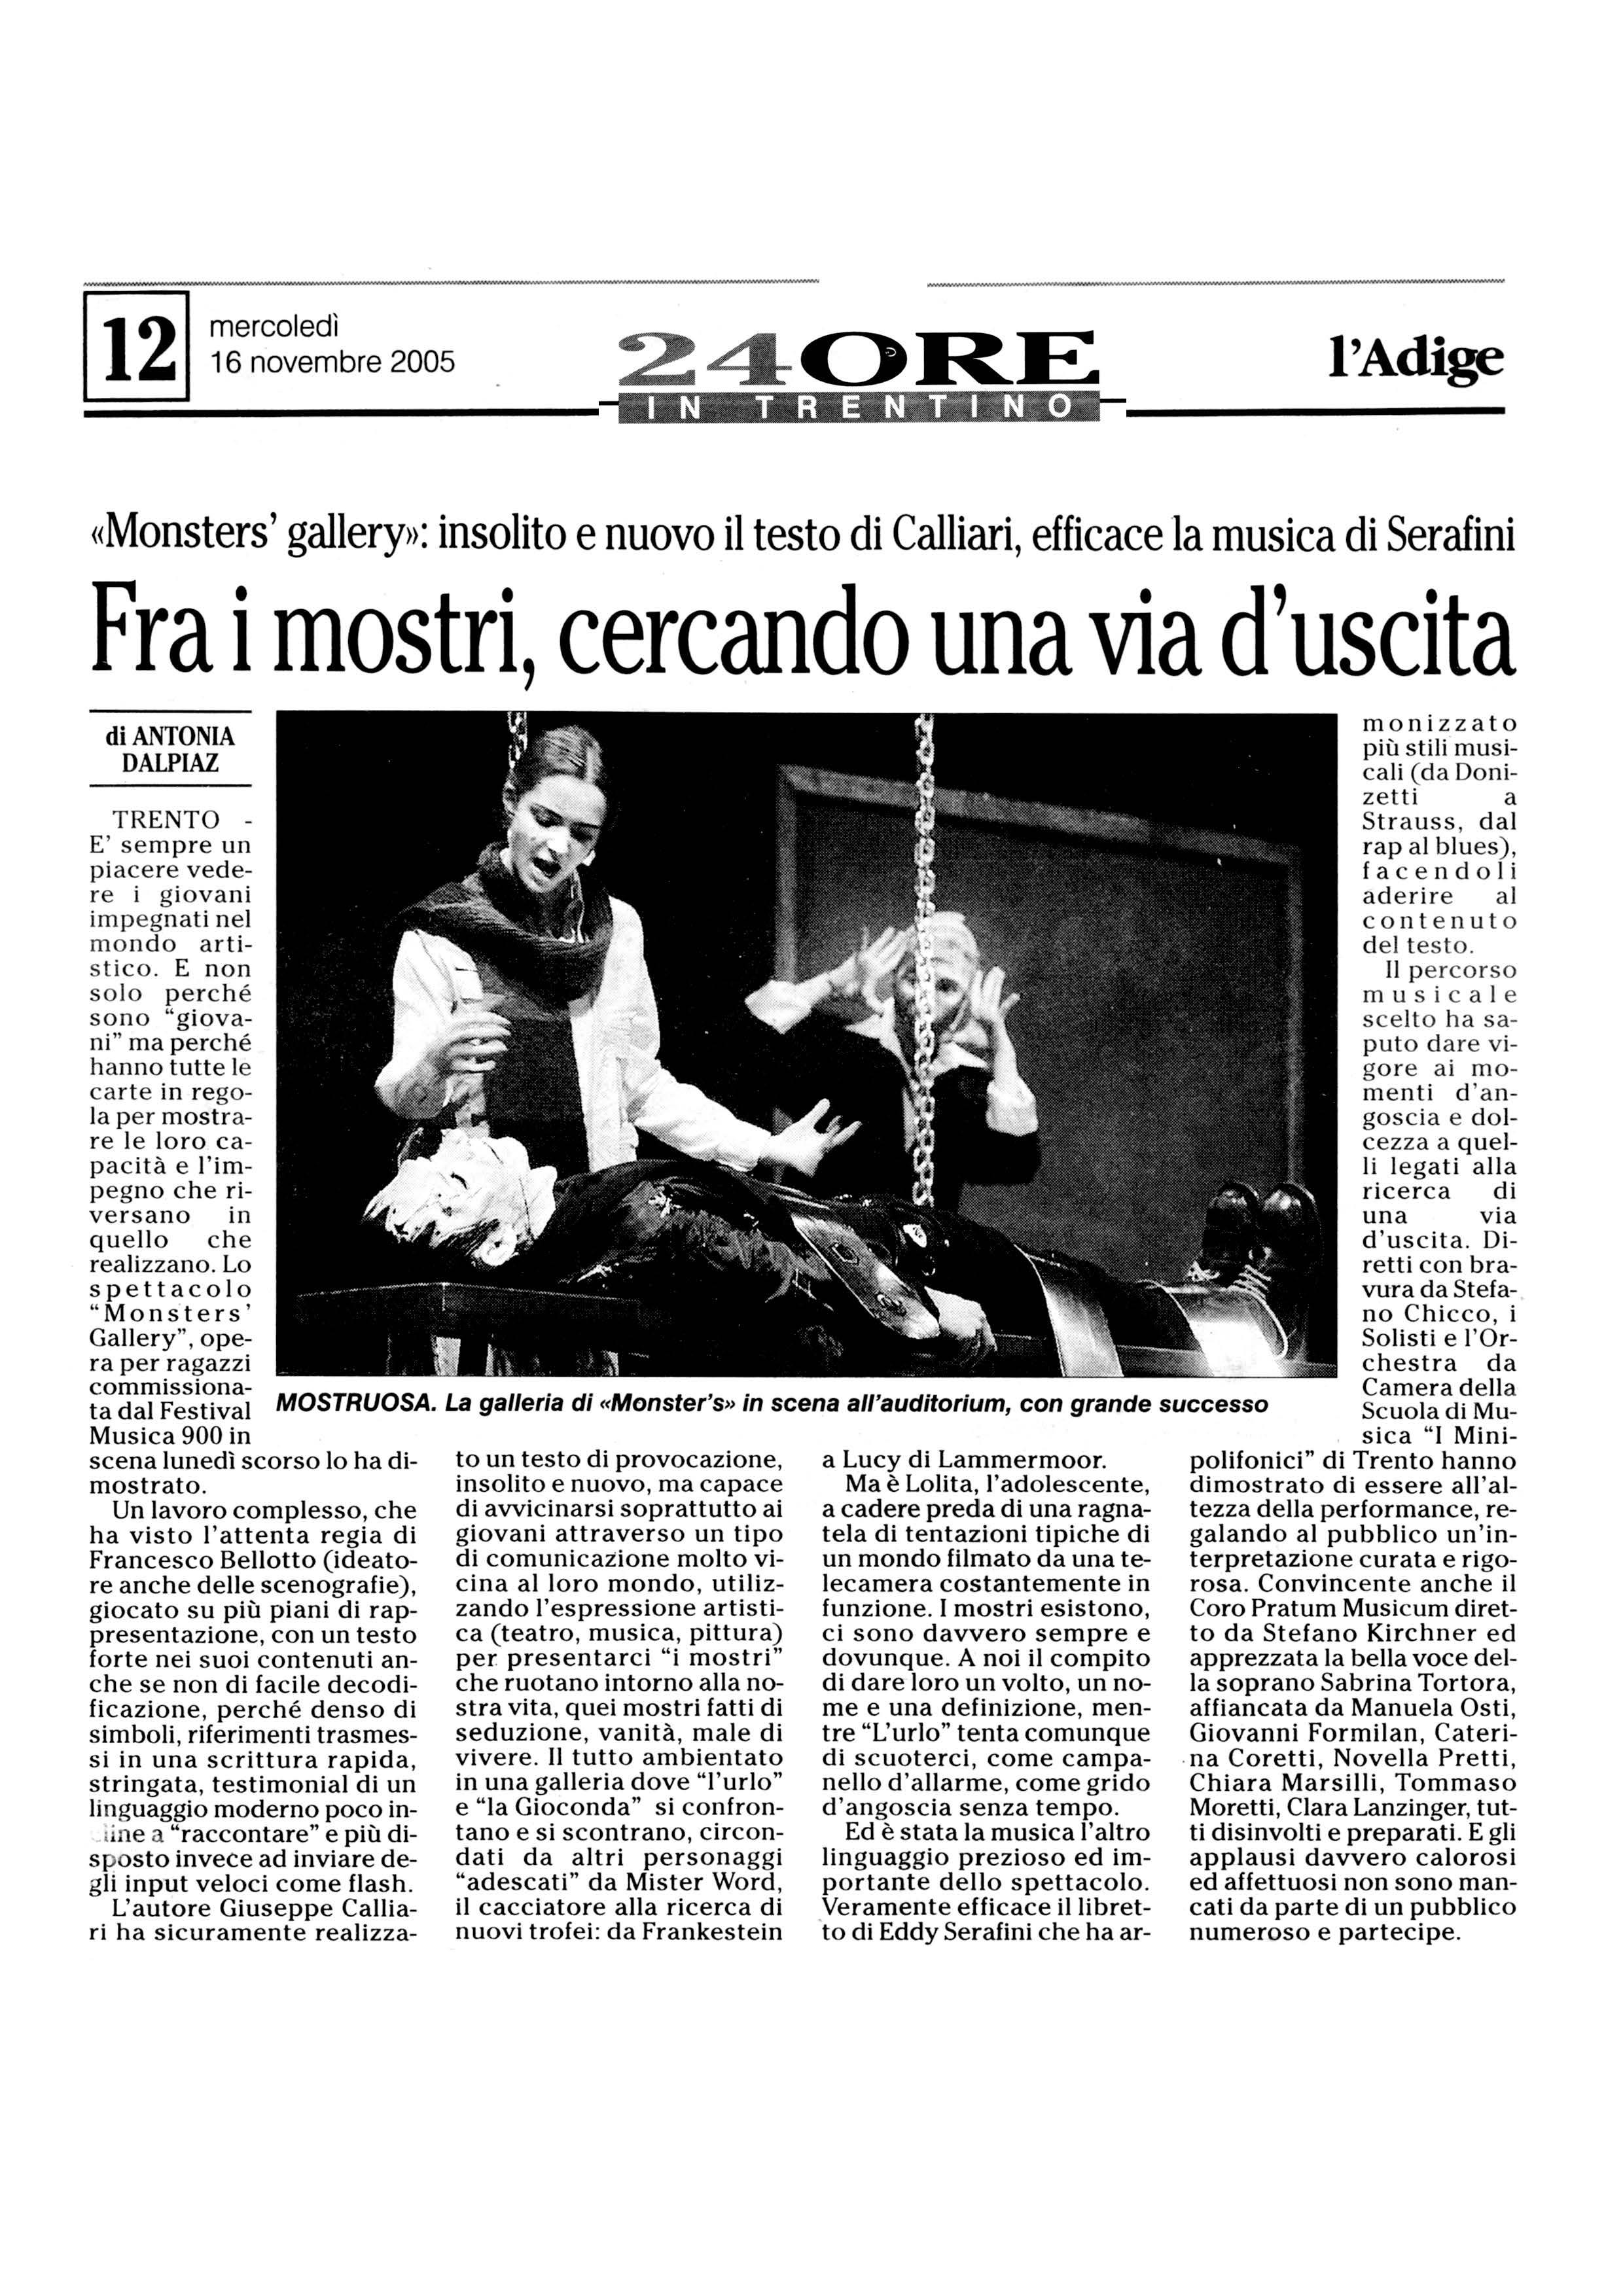 """Fra i mostri, cercando una via d'uscita. """"Monster's gallery"""": insolito e nuovo il testo di Calliari, afficace la music di Serafini – l'Adige – 16/11/2005"""